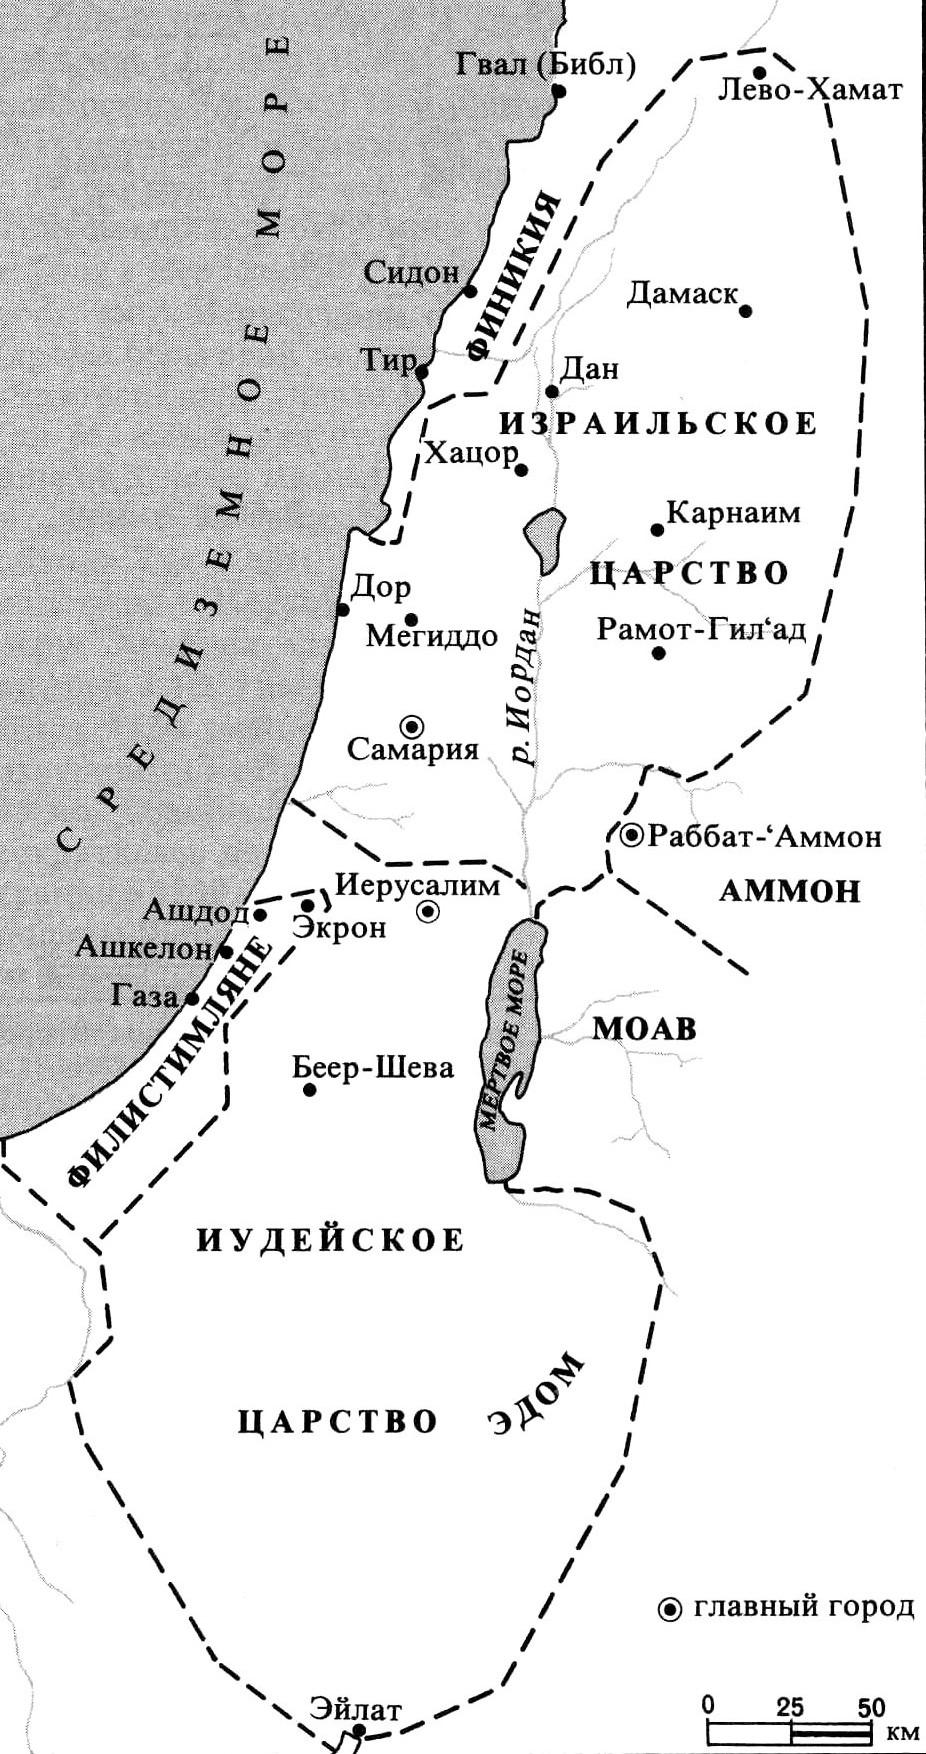 Израильское и Иудейское царства в IX-VIII веках до н.э.